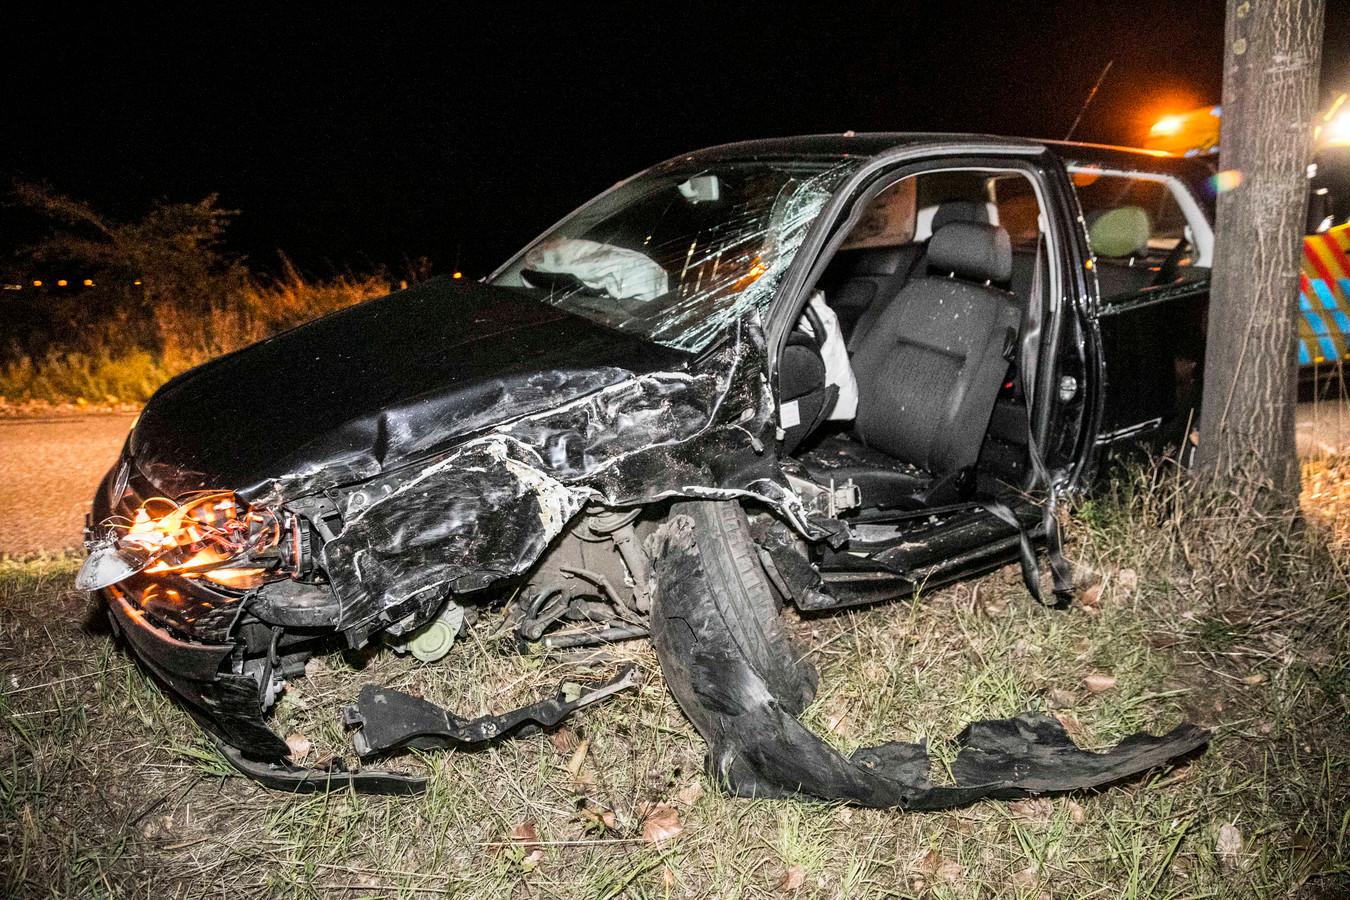 Twee van de drie inzittenden raakten gewond en zijn per ambulance overgebracht naar het ziekenhuis. De auto is total loss.